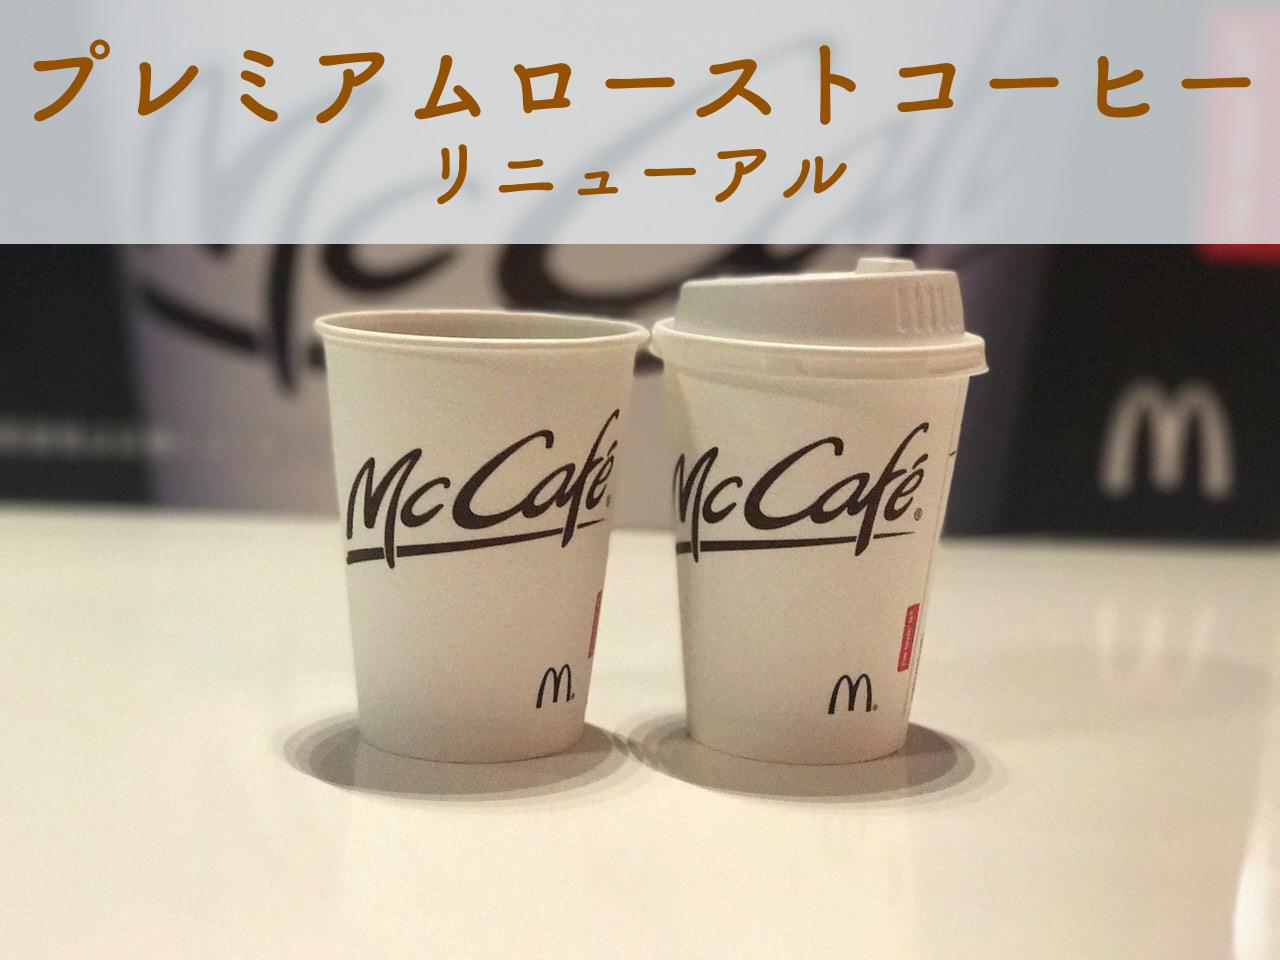 Mccafe 4318t